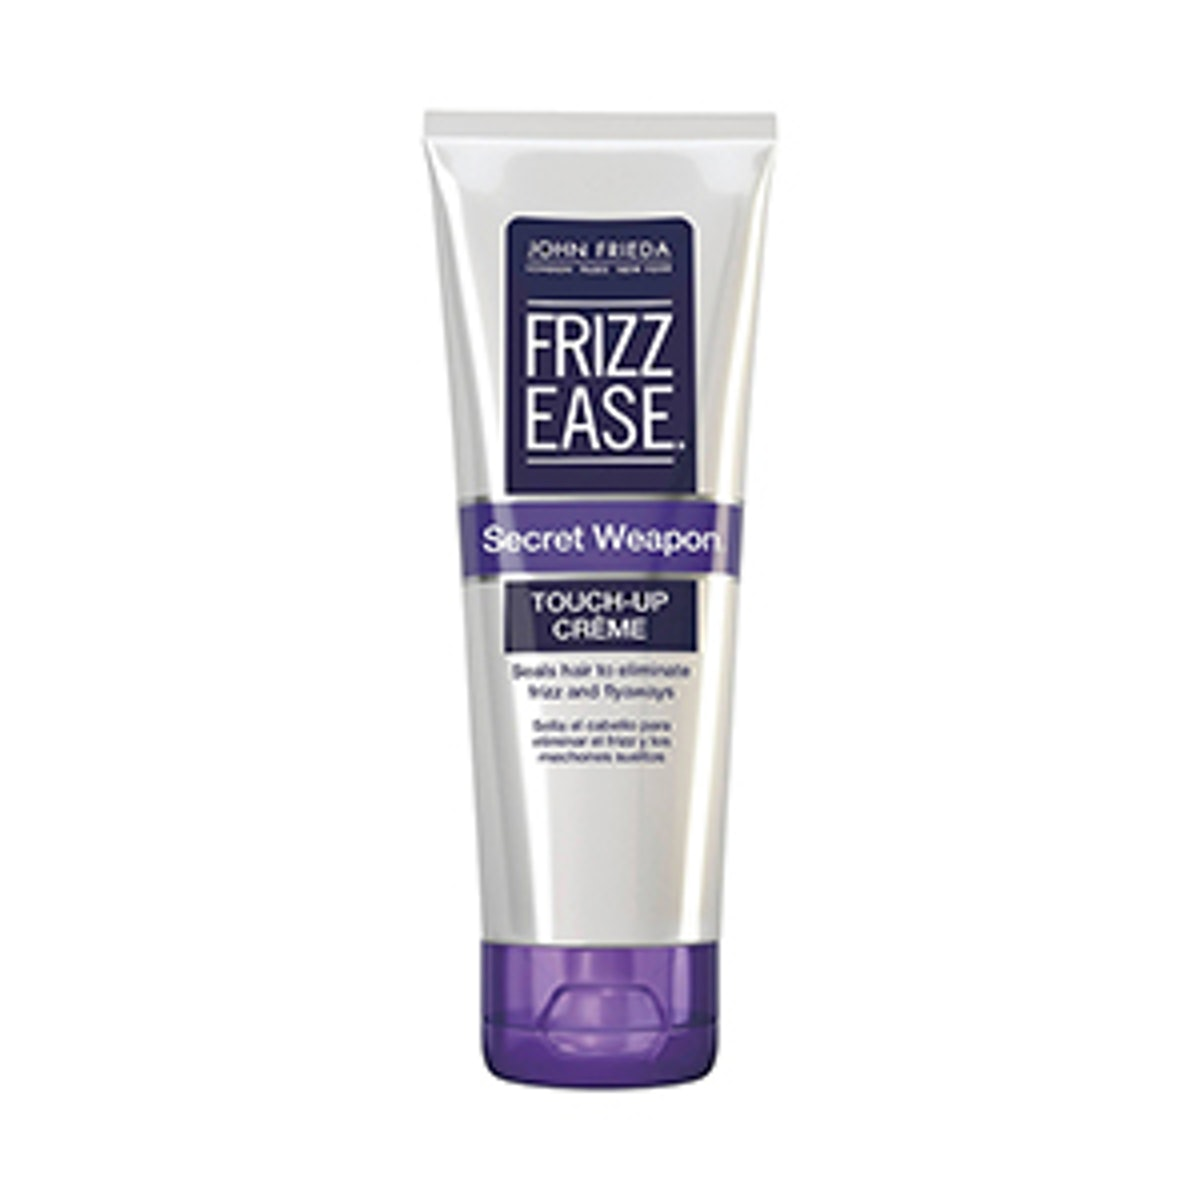 Frizz Ease Secret Weapon Touch-Up Crème